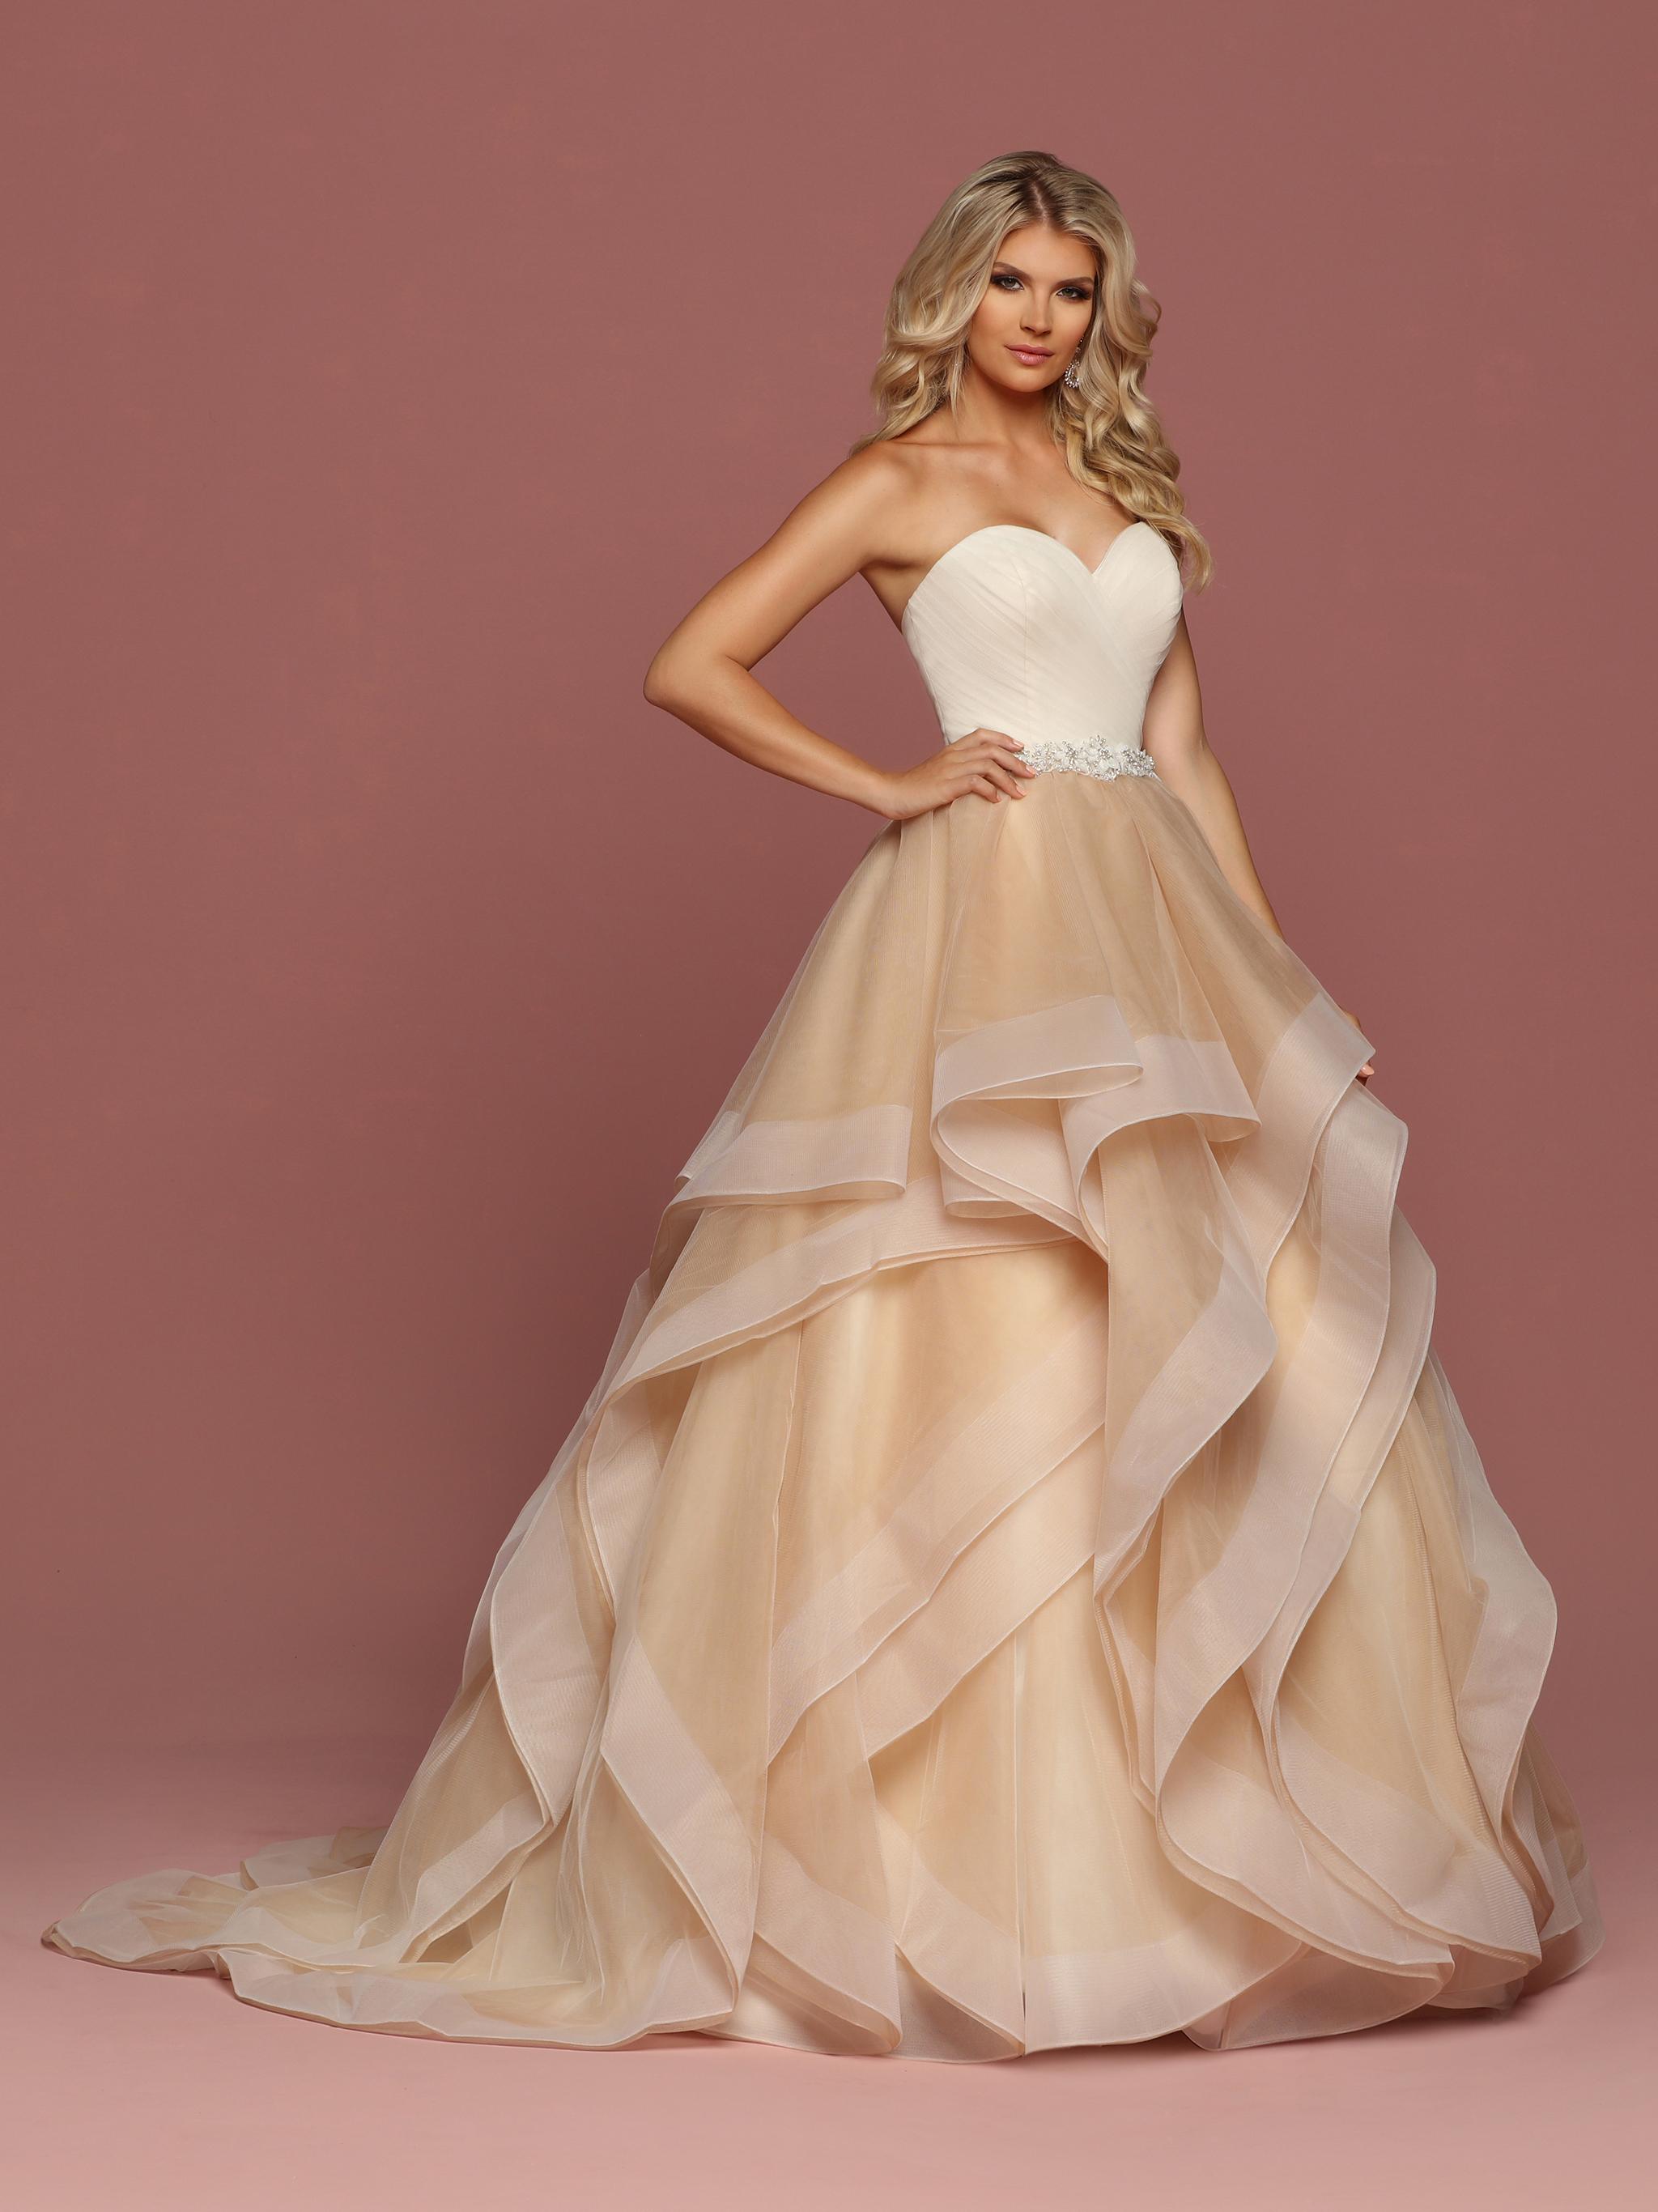 Ruffled Wedding Dresses Style #50489